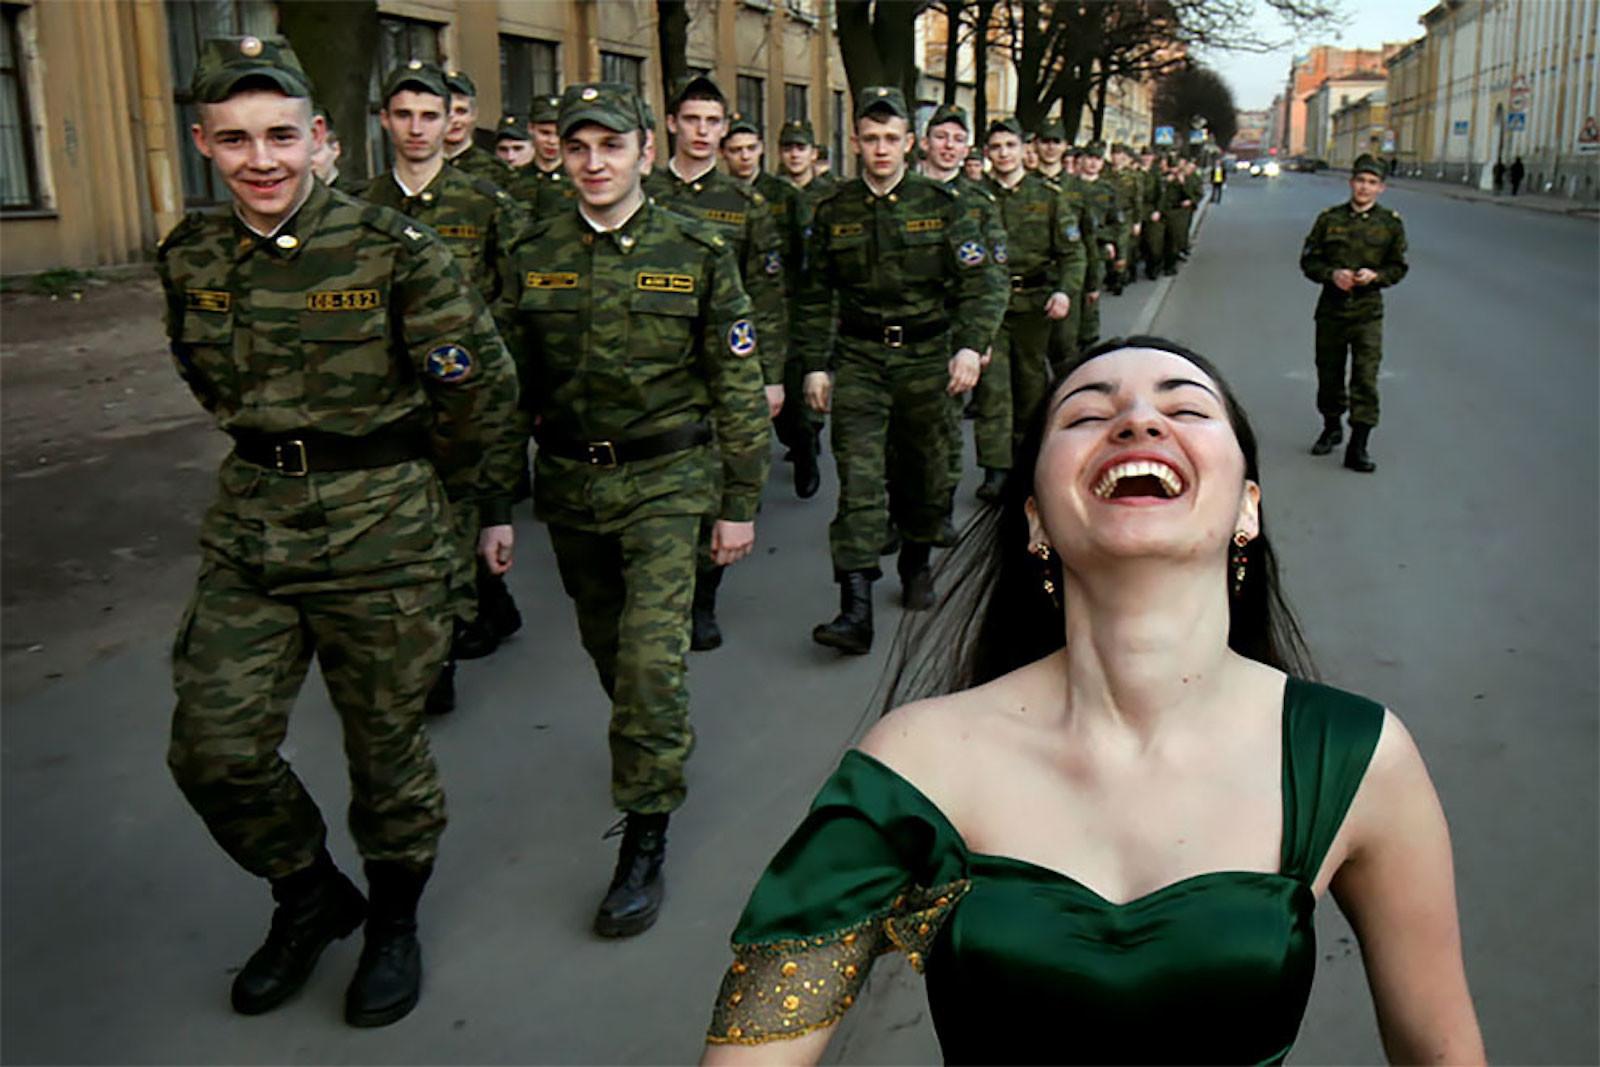 Фото пацанов из армии, Армейские фотографии 20 фотография